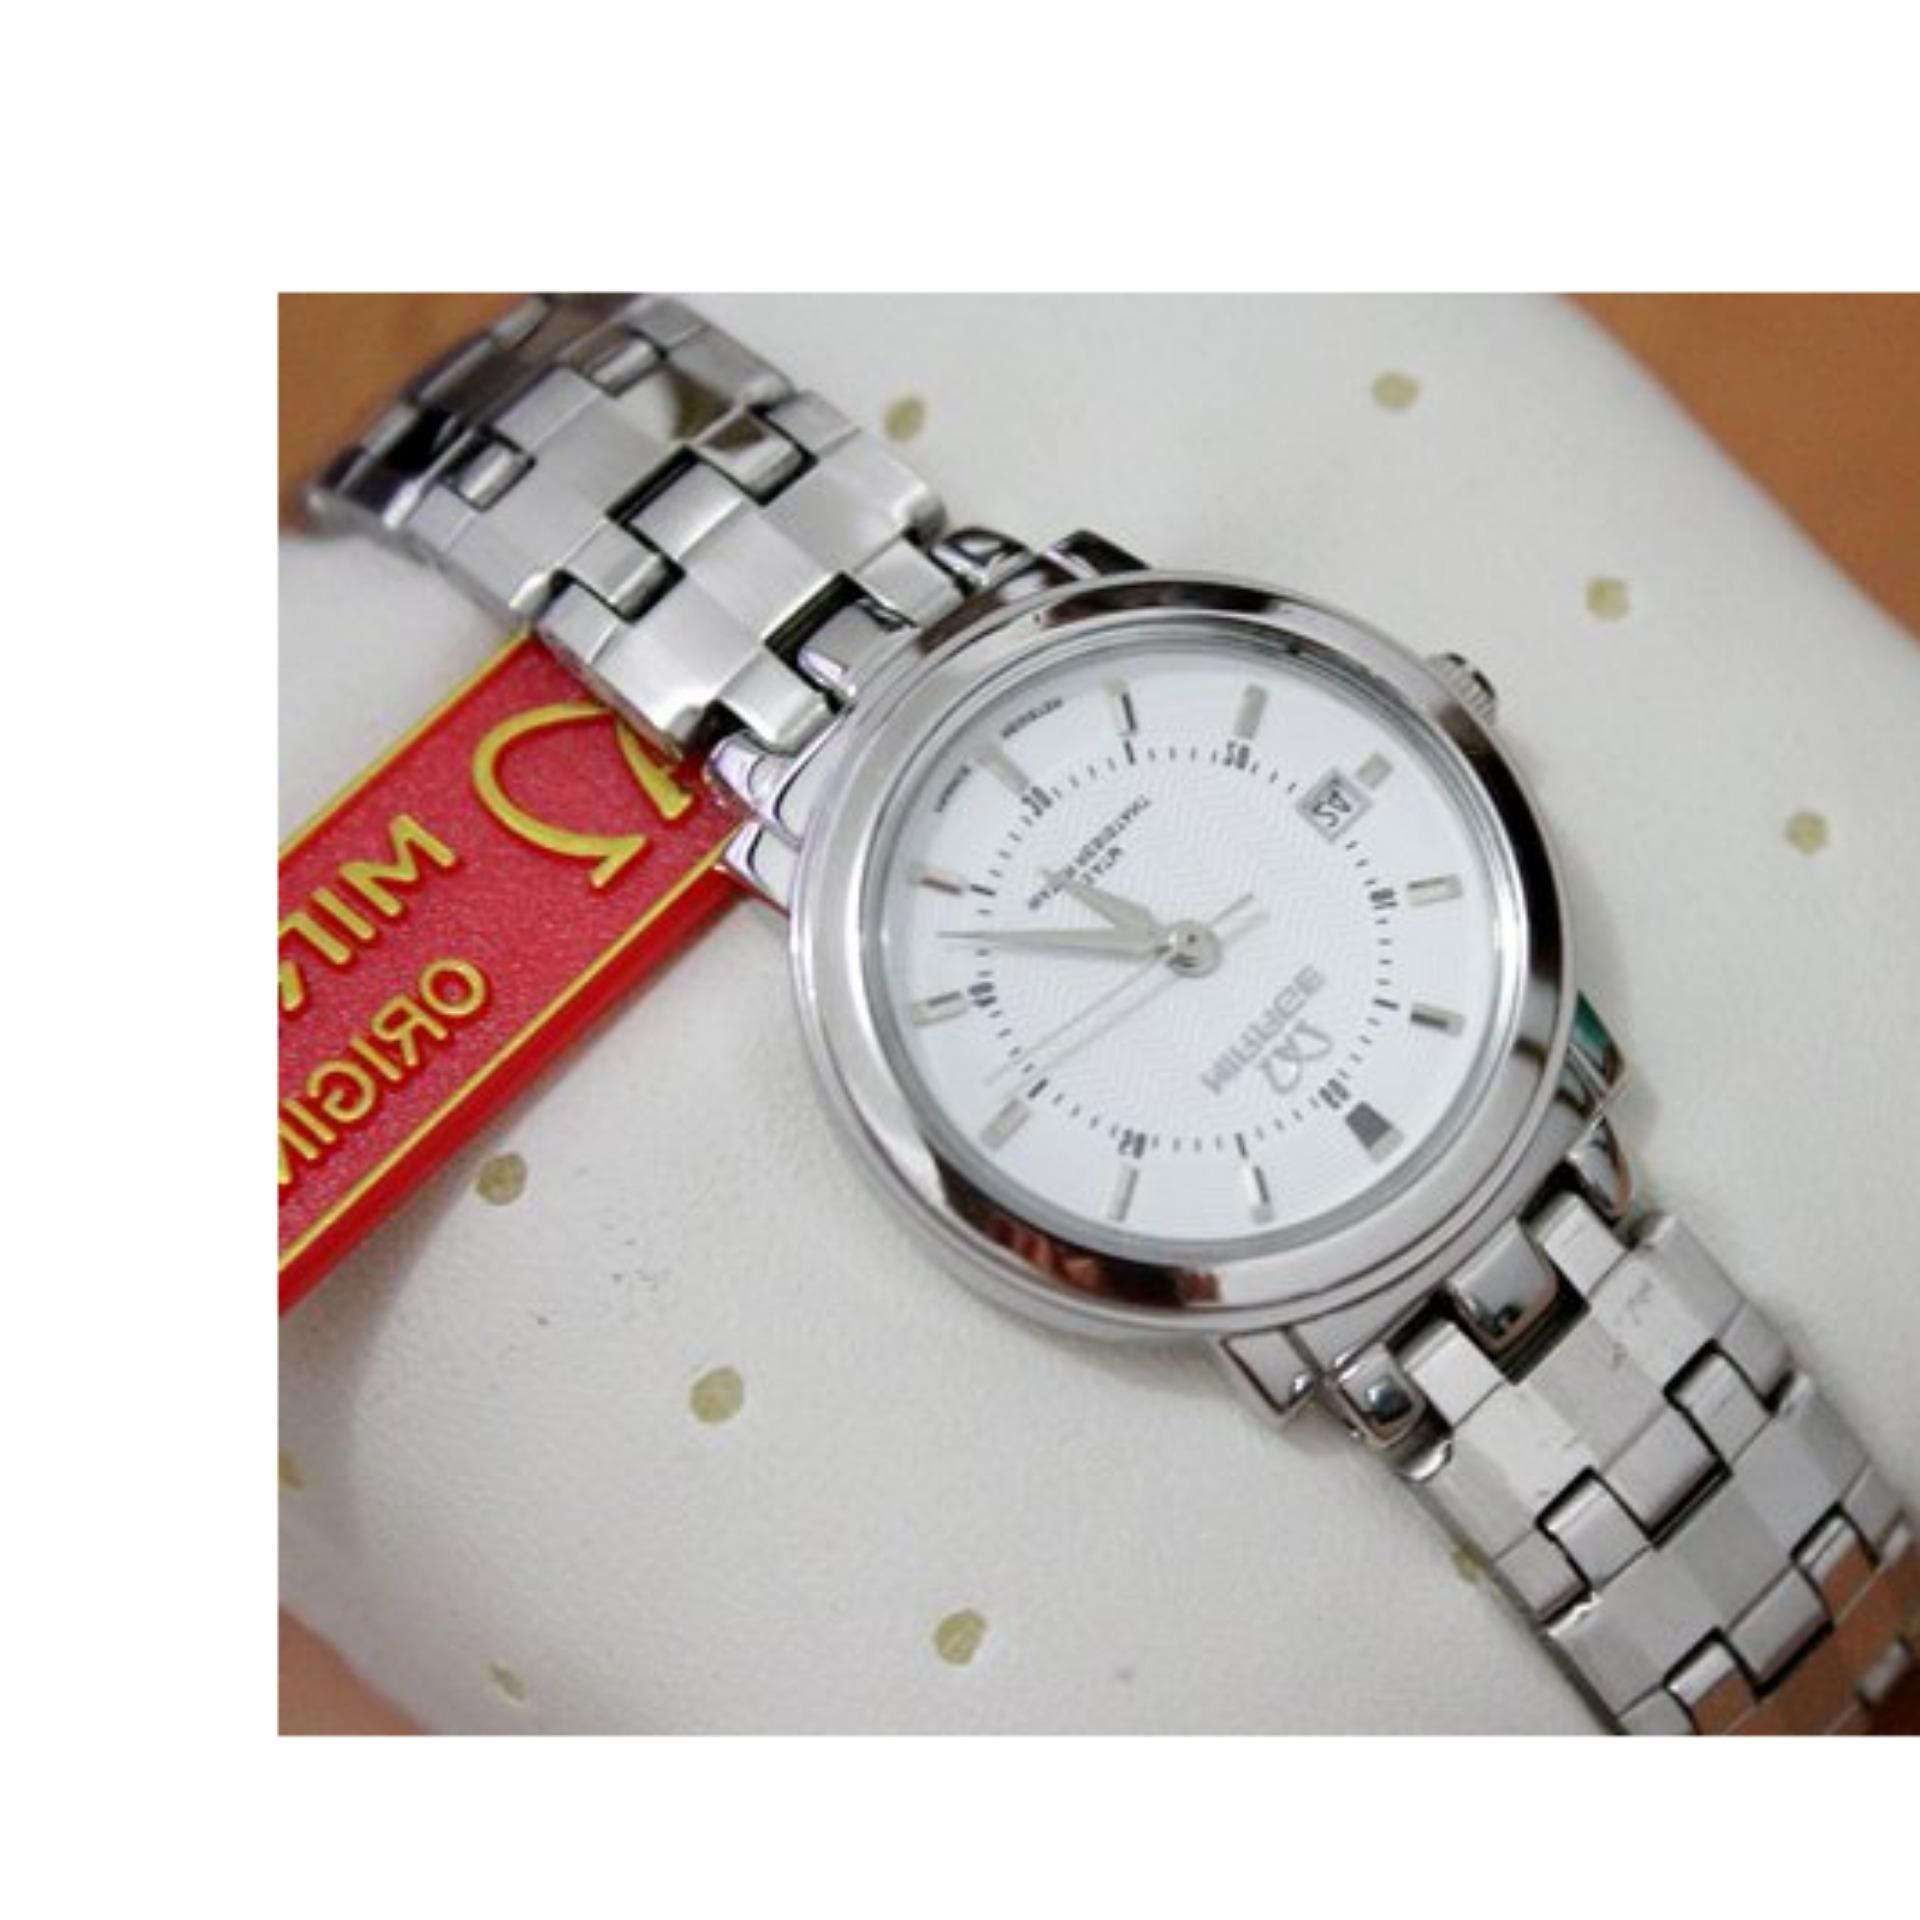 Mirage Jam Tangan Wanita Original 8152 Brp L White Daftar Info Japan Technology 7380 Strap Stainless Silver Lazada Indonesia